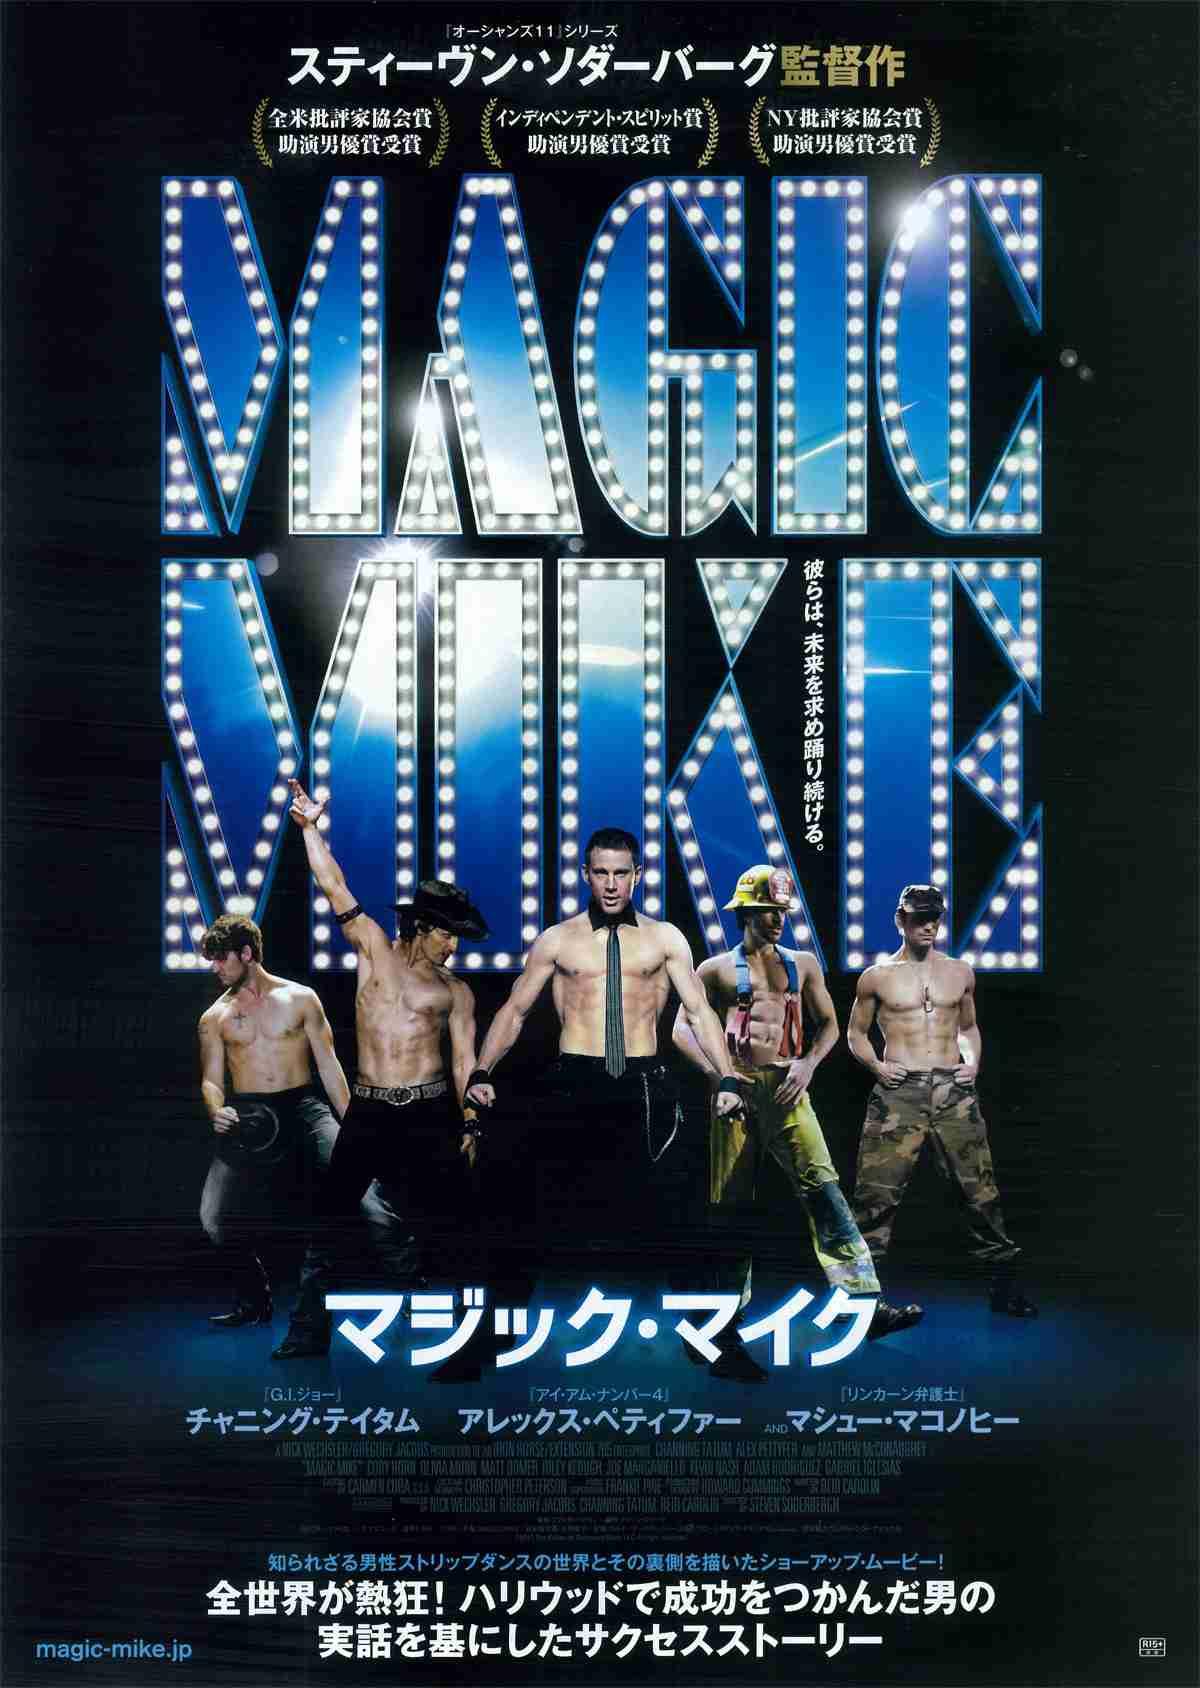 マジック・マイク - 作品 - Yahoo!映画